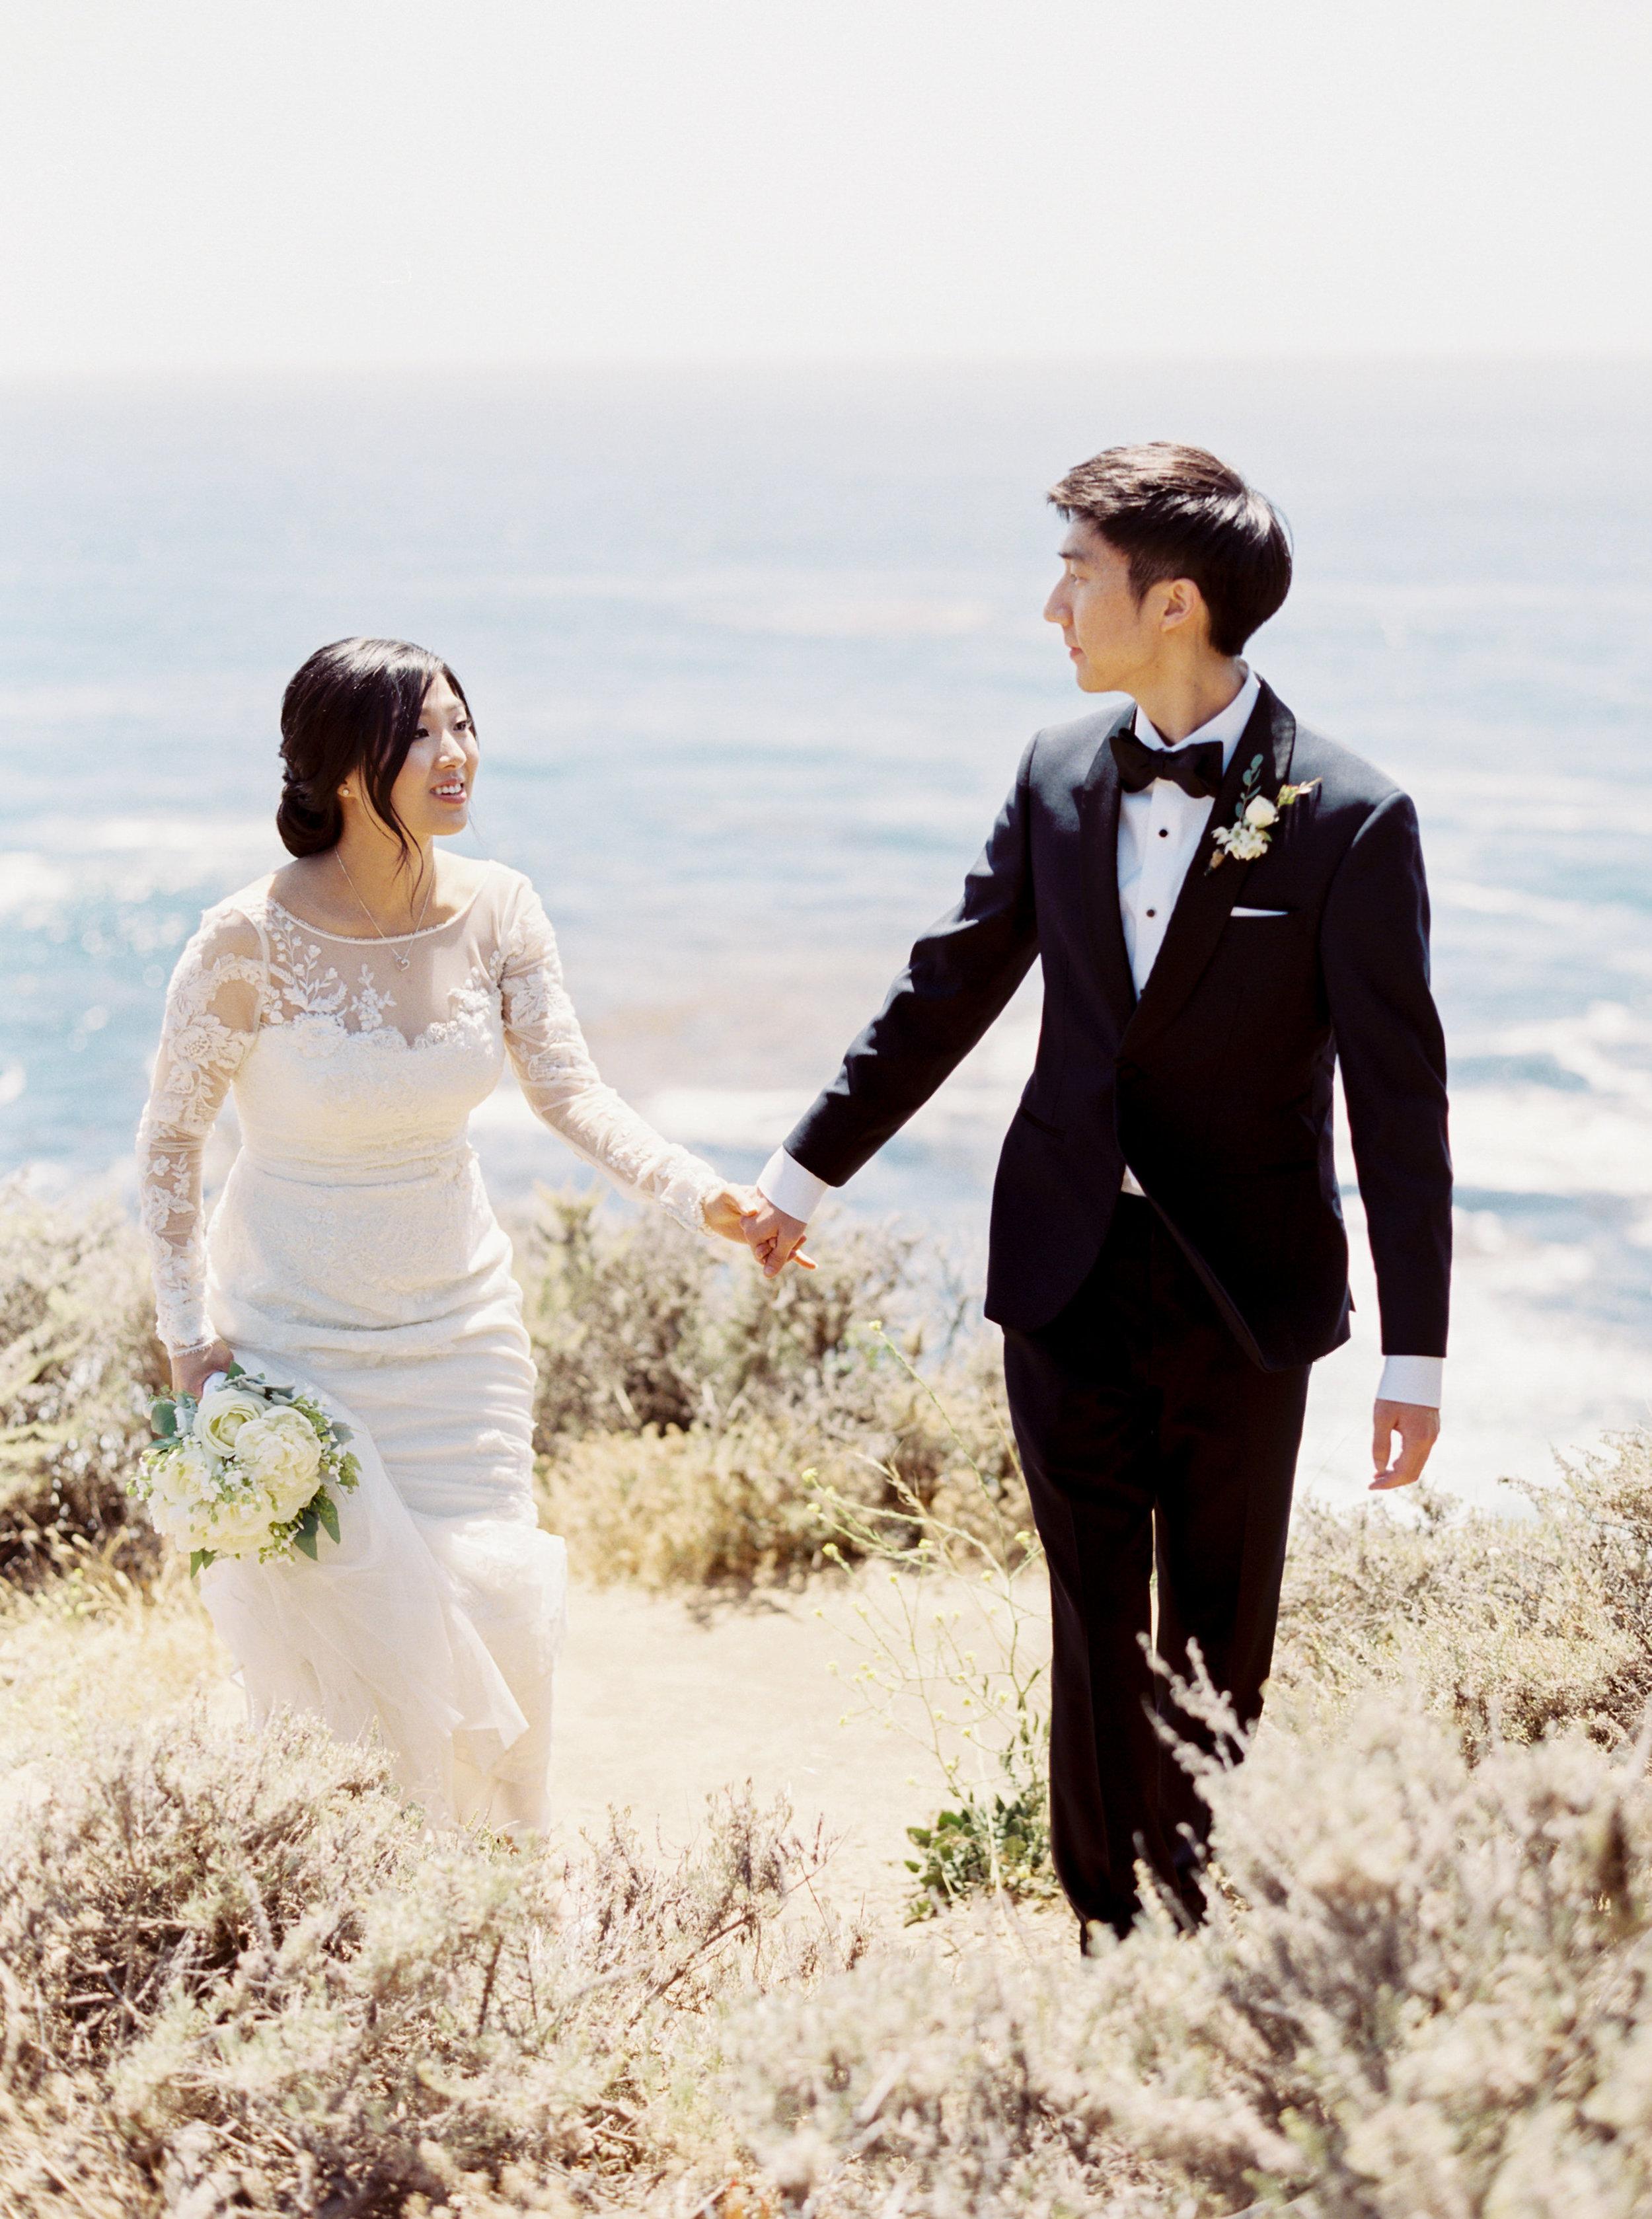 carmel-wedding-at-wedgewood-carmel-california-49.jpg